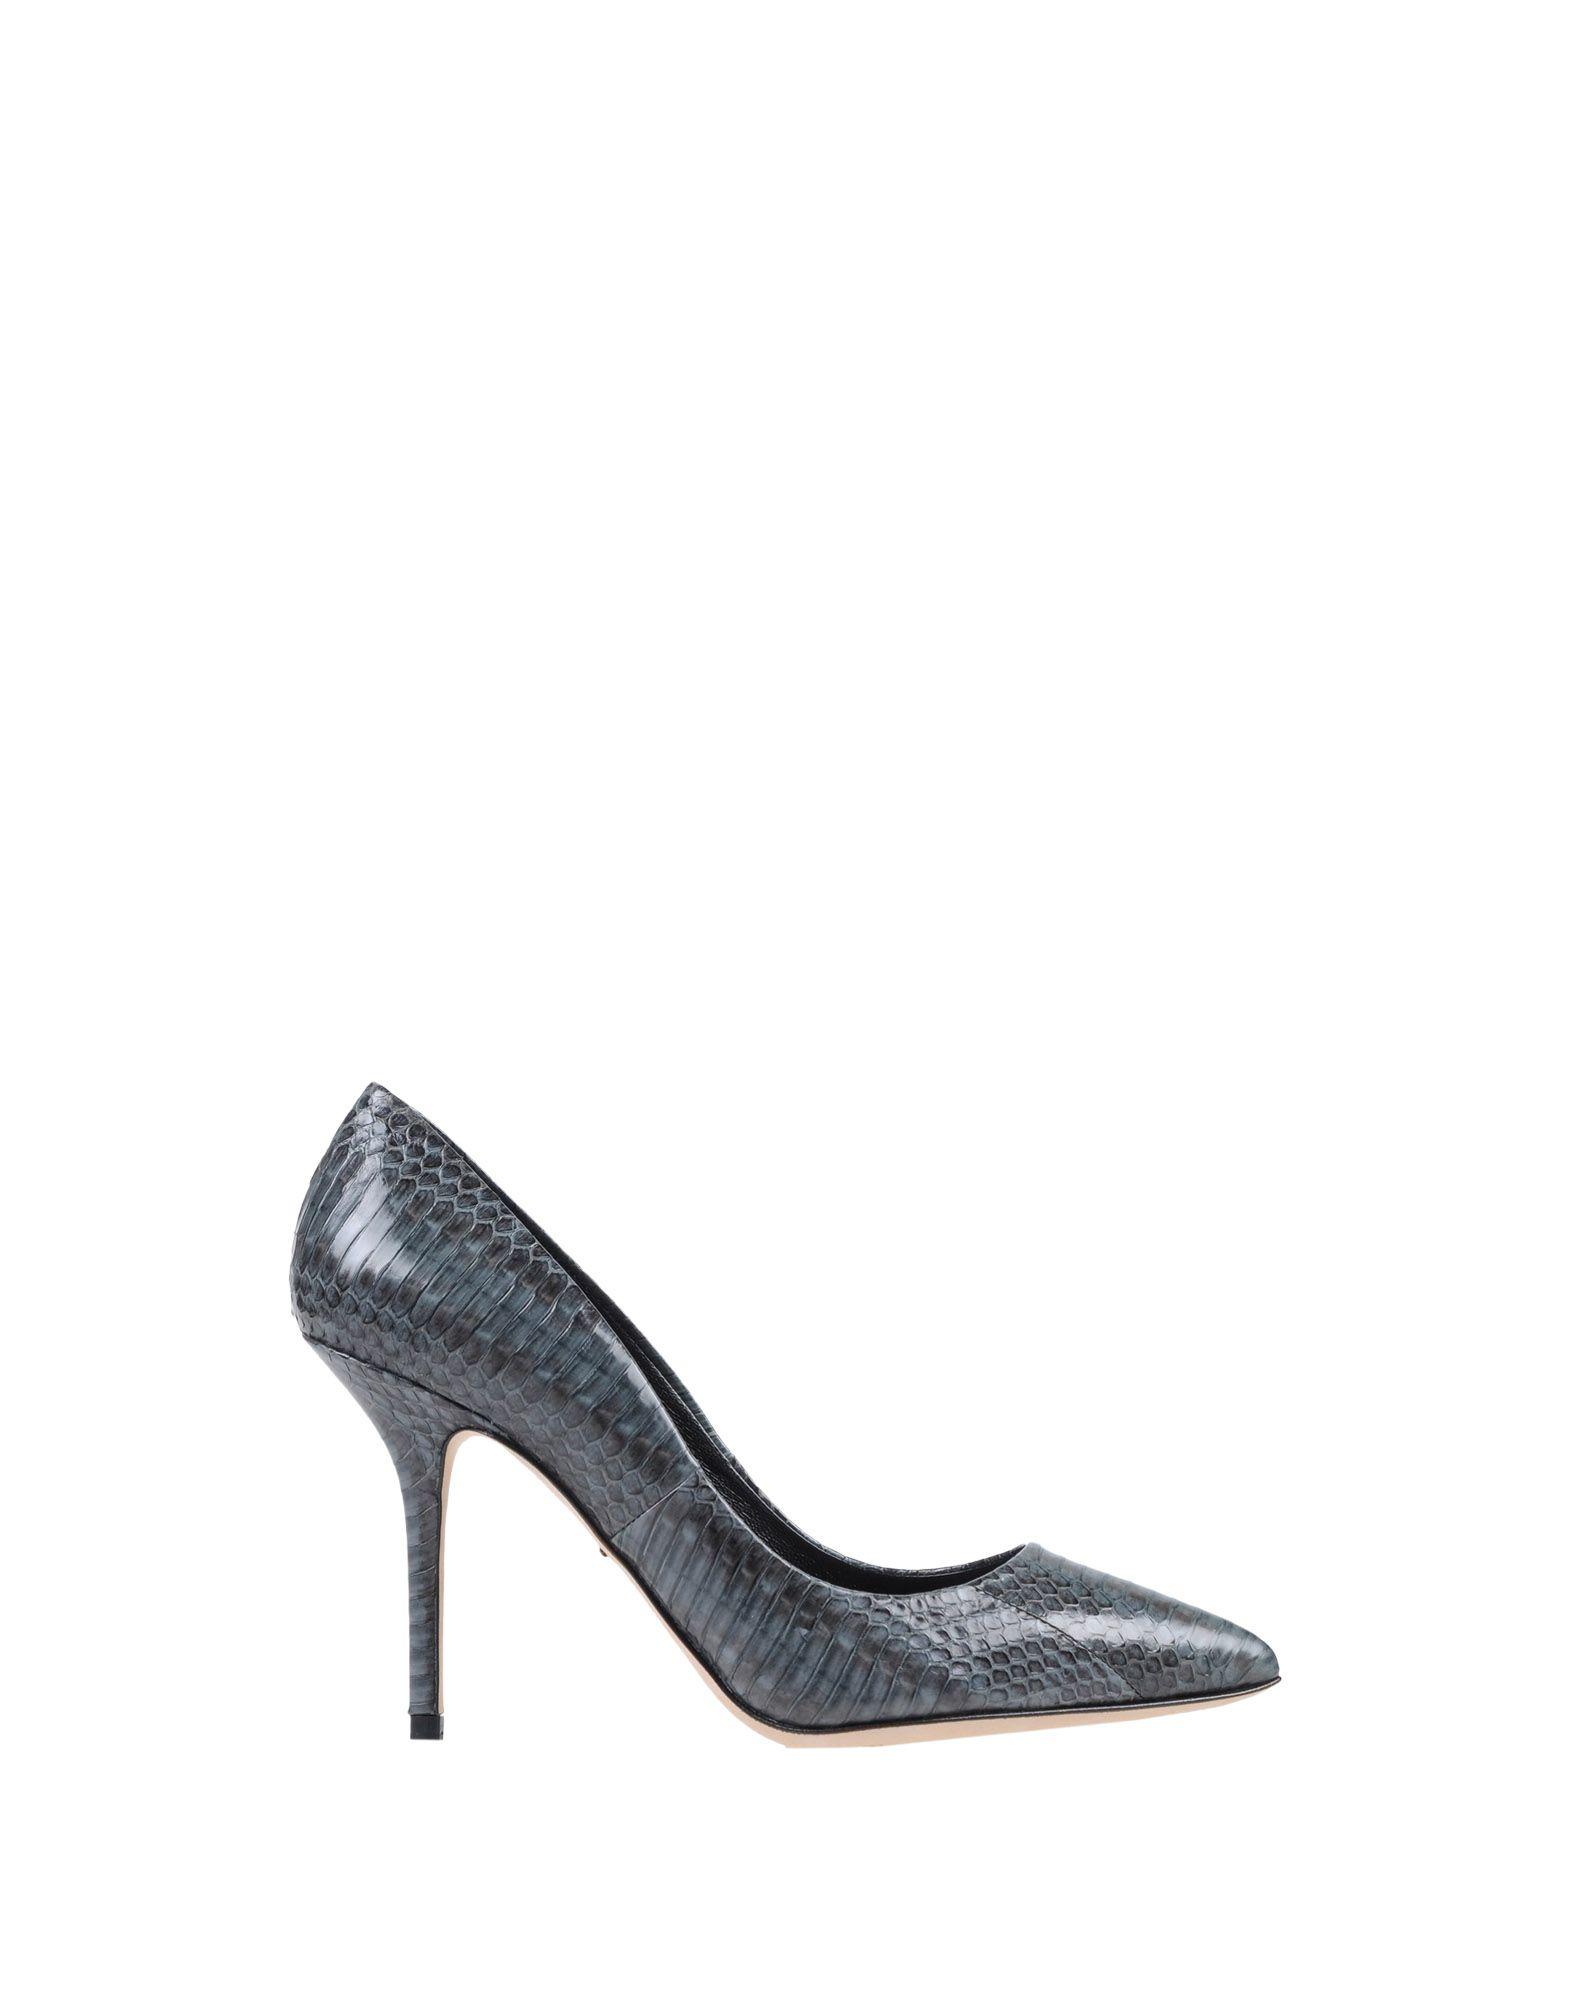 Dolce & 11391012ORGünstige Gabbana Pumps Damen  11391012ORGünstige & gut aussehende Schuhe 040aff